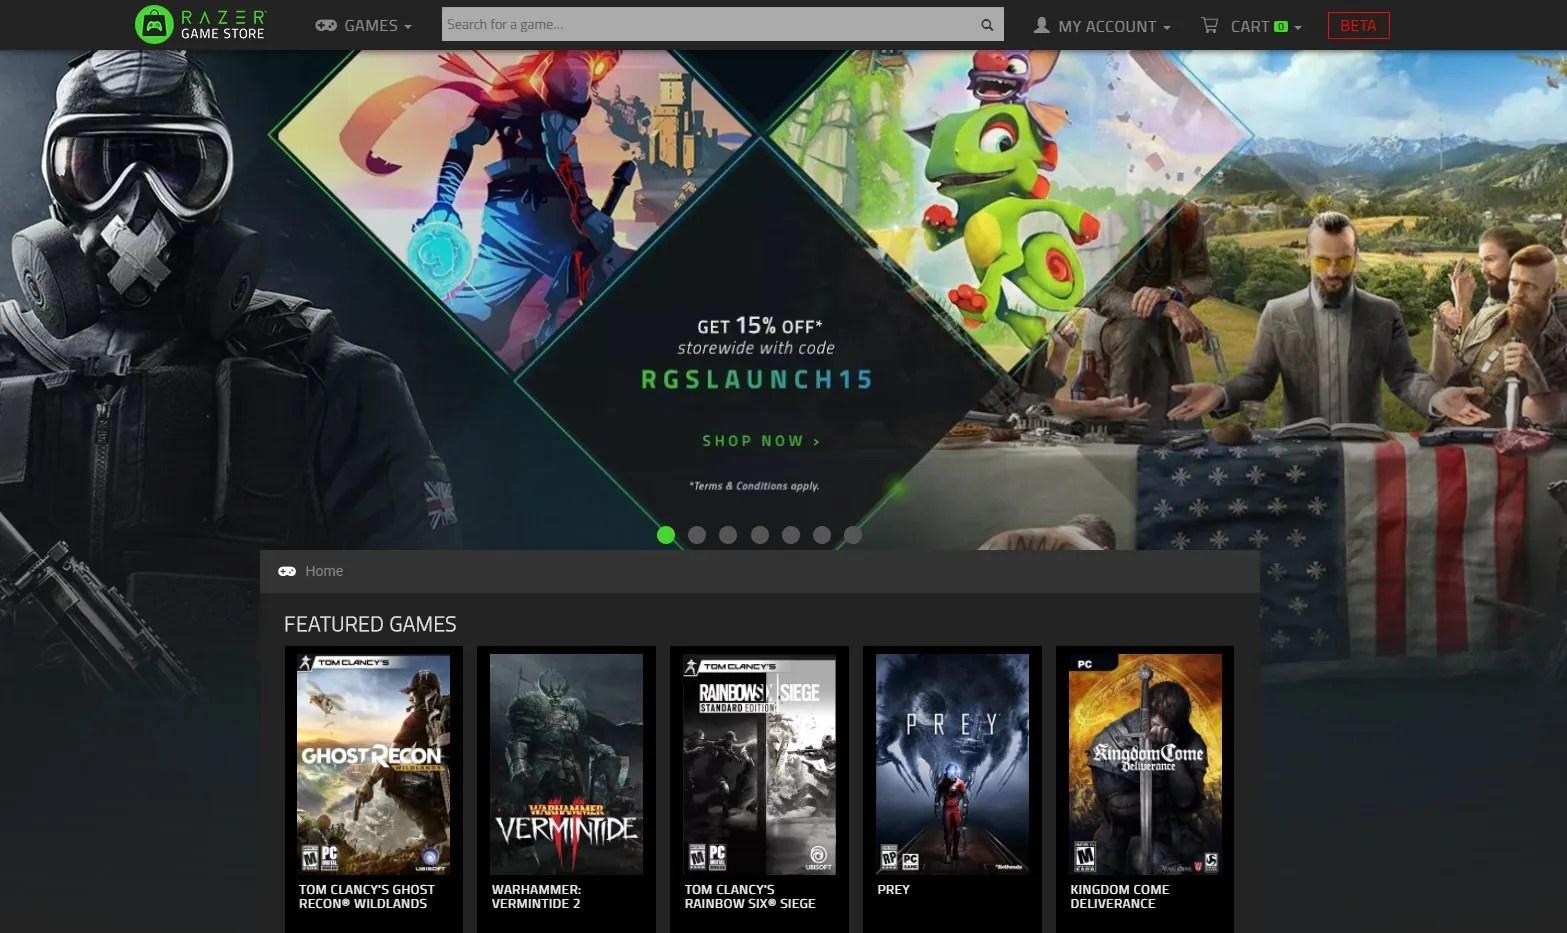 Razer Game Store Coming To Southeast Asia Through